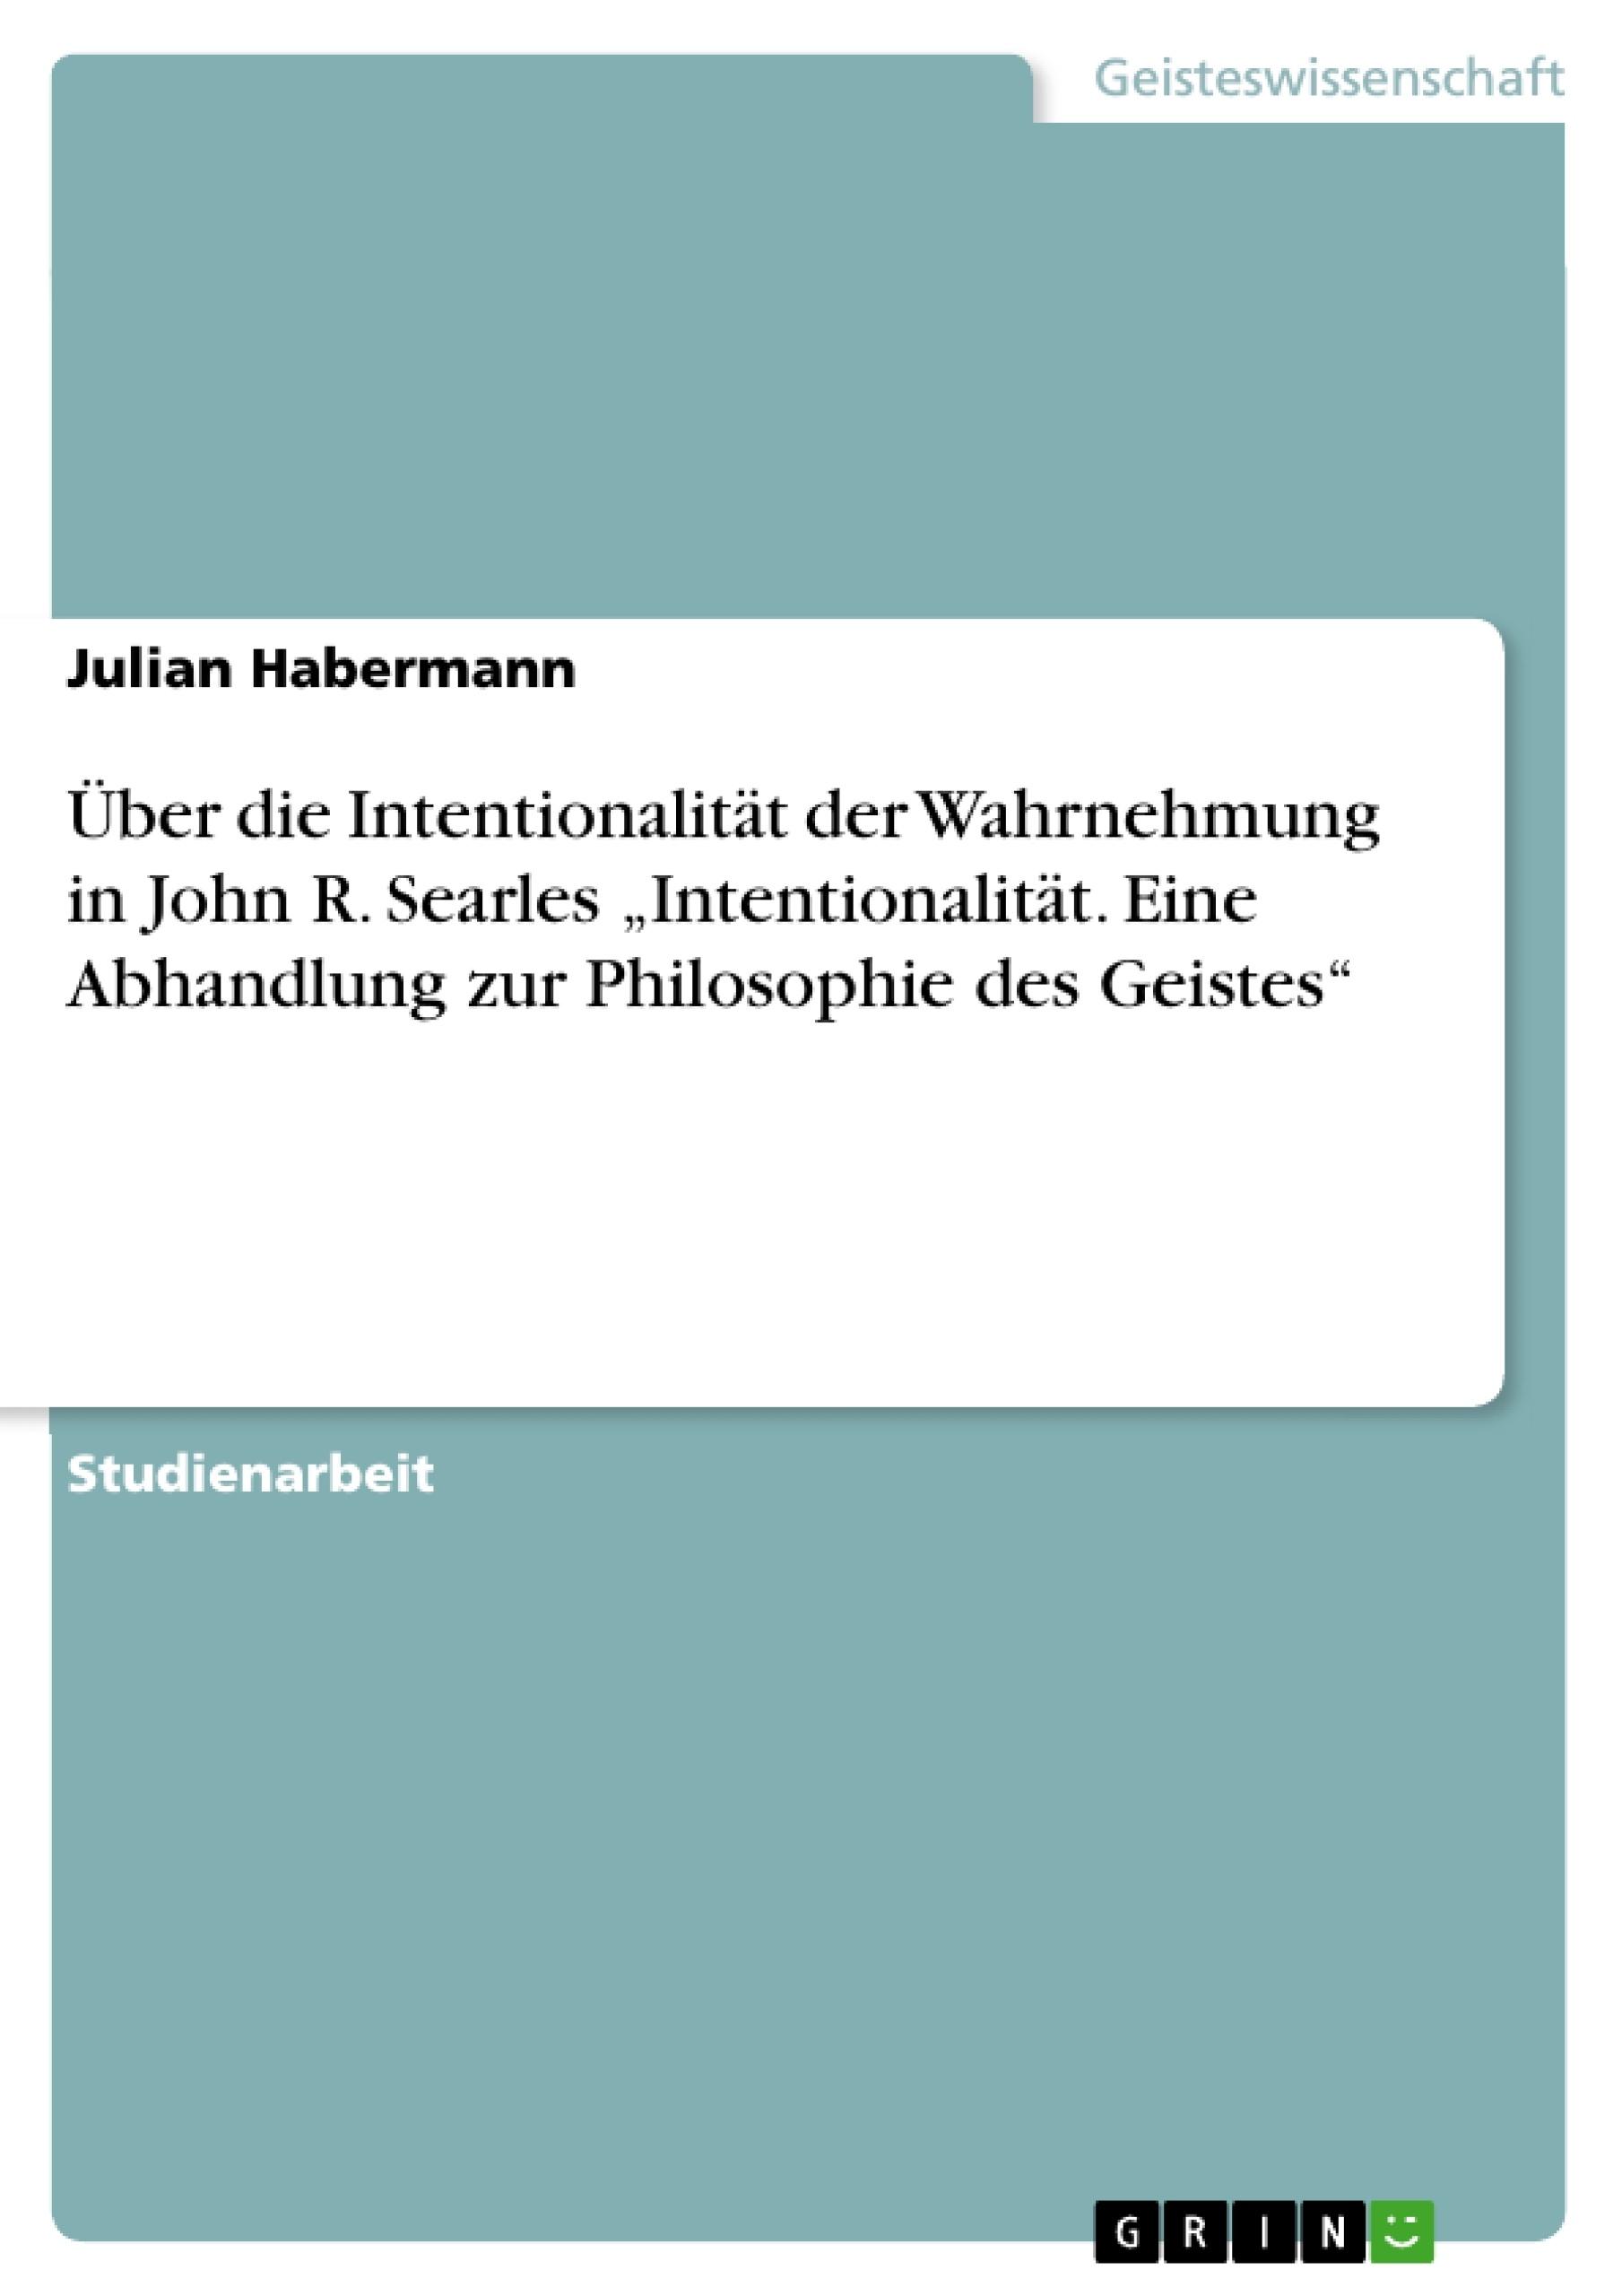 """Titel: Über die Intentionalität der Wahrnehmung in John R. Searles """"Intentionalität. Eine Abhandlung zur Philosophie des Geistes"""""""